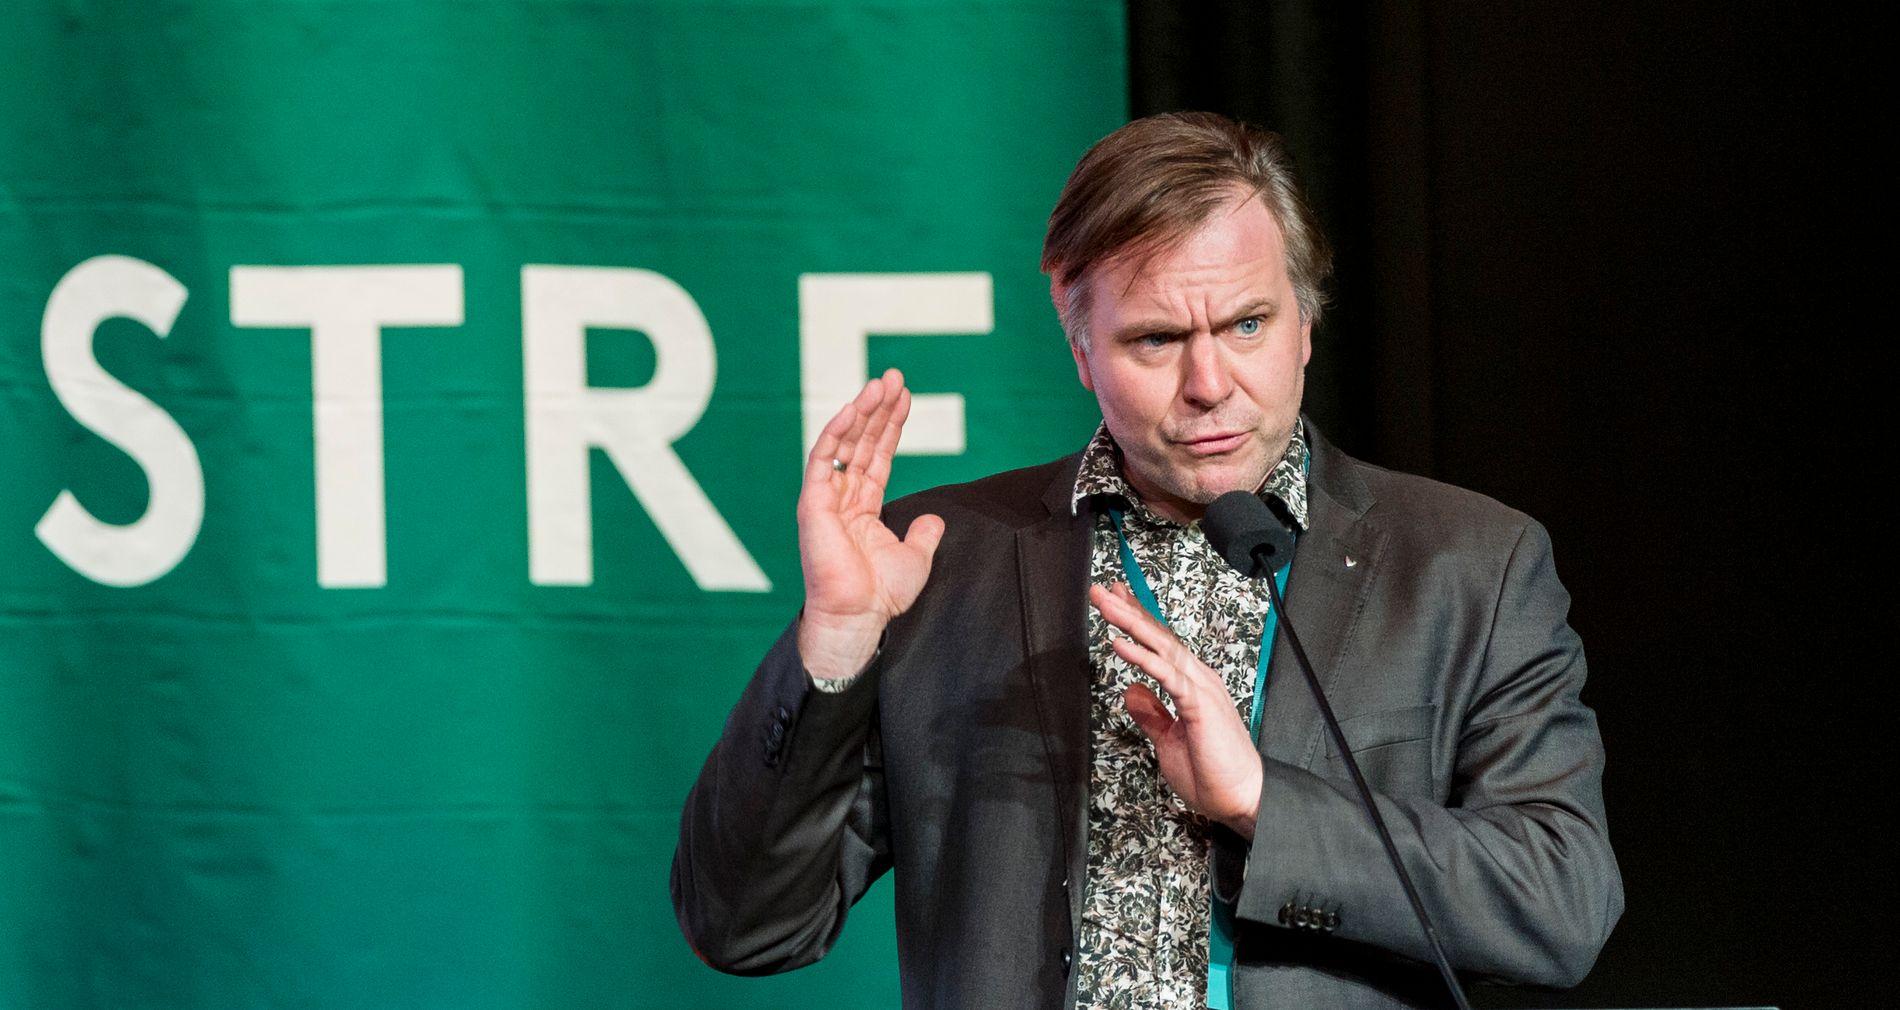 POPULÆR: Venstre-ordfører Alfred Bjørlo i Eid i Sogn og Fjordane fikk hver tredje stemme ved siste kommunevalg. Nå stiller han som ordførerkandidat i nye, sammenslåtte Stad kommune (Eid og Selje).